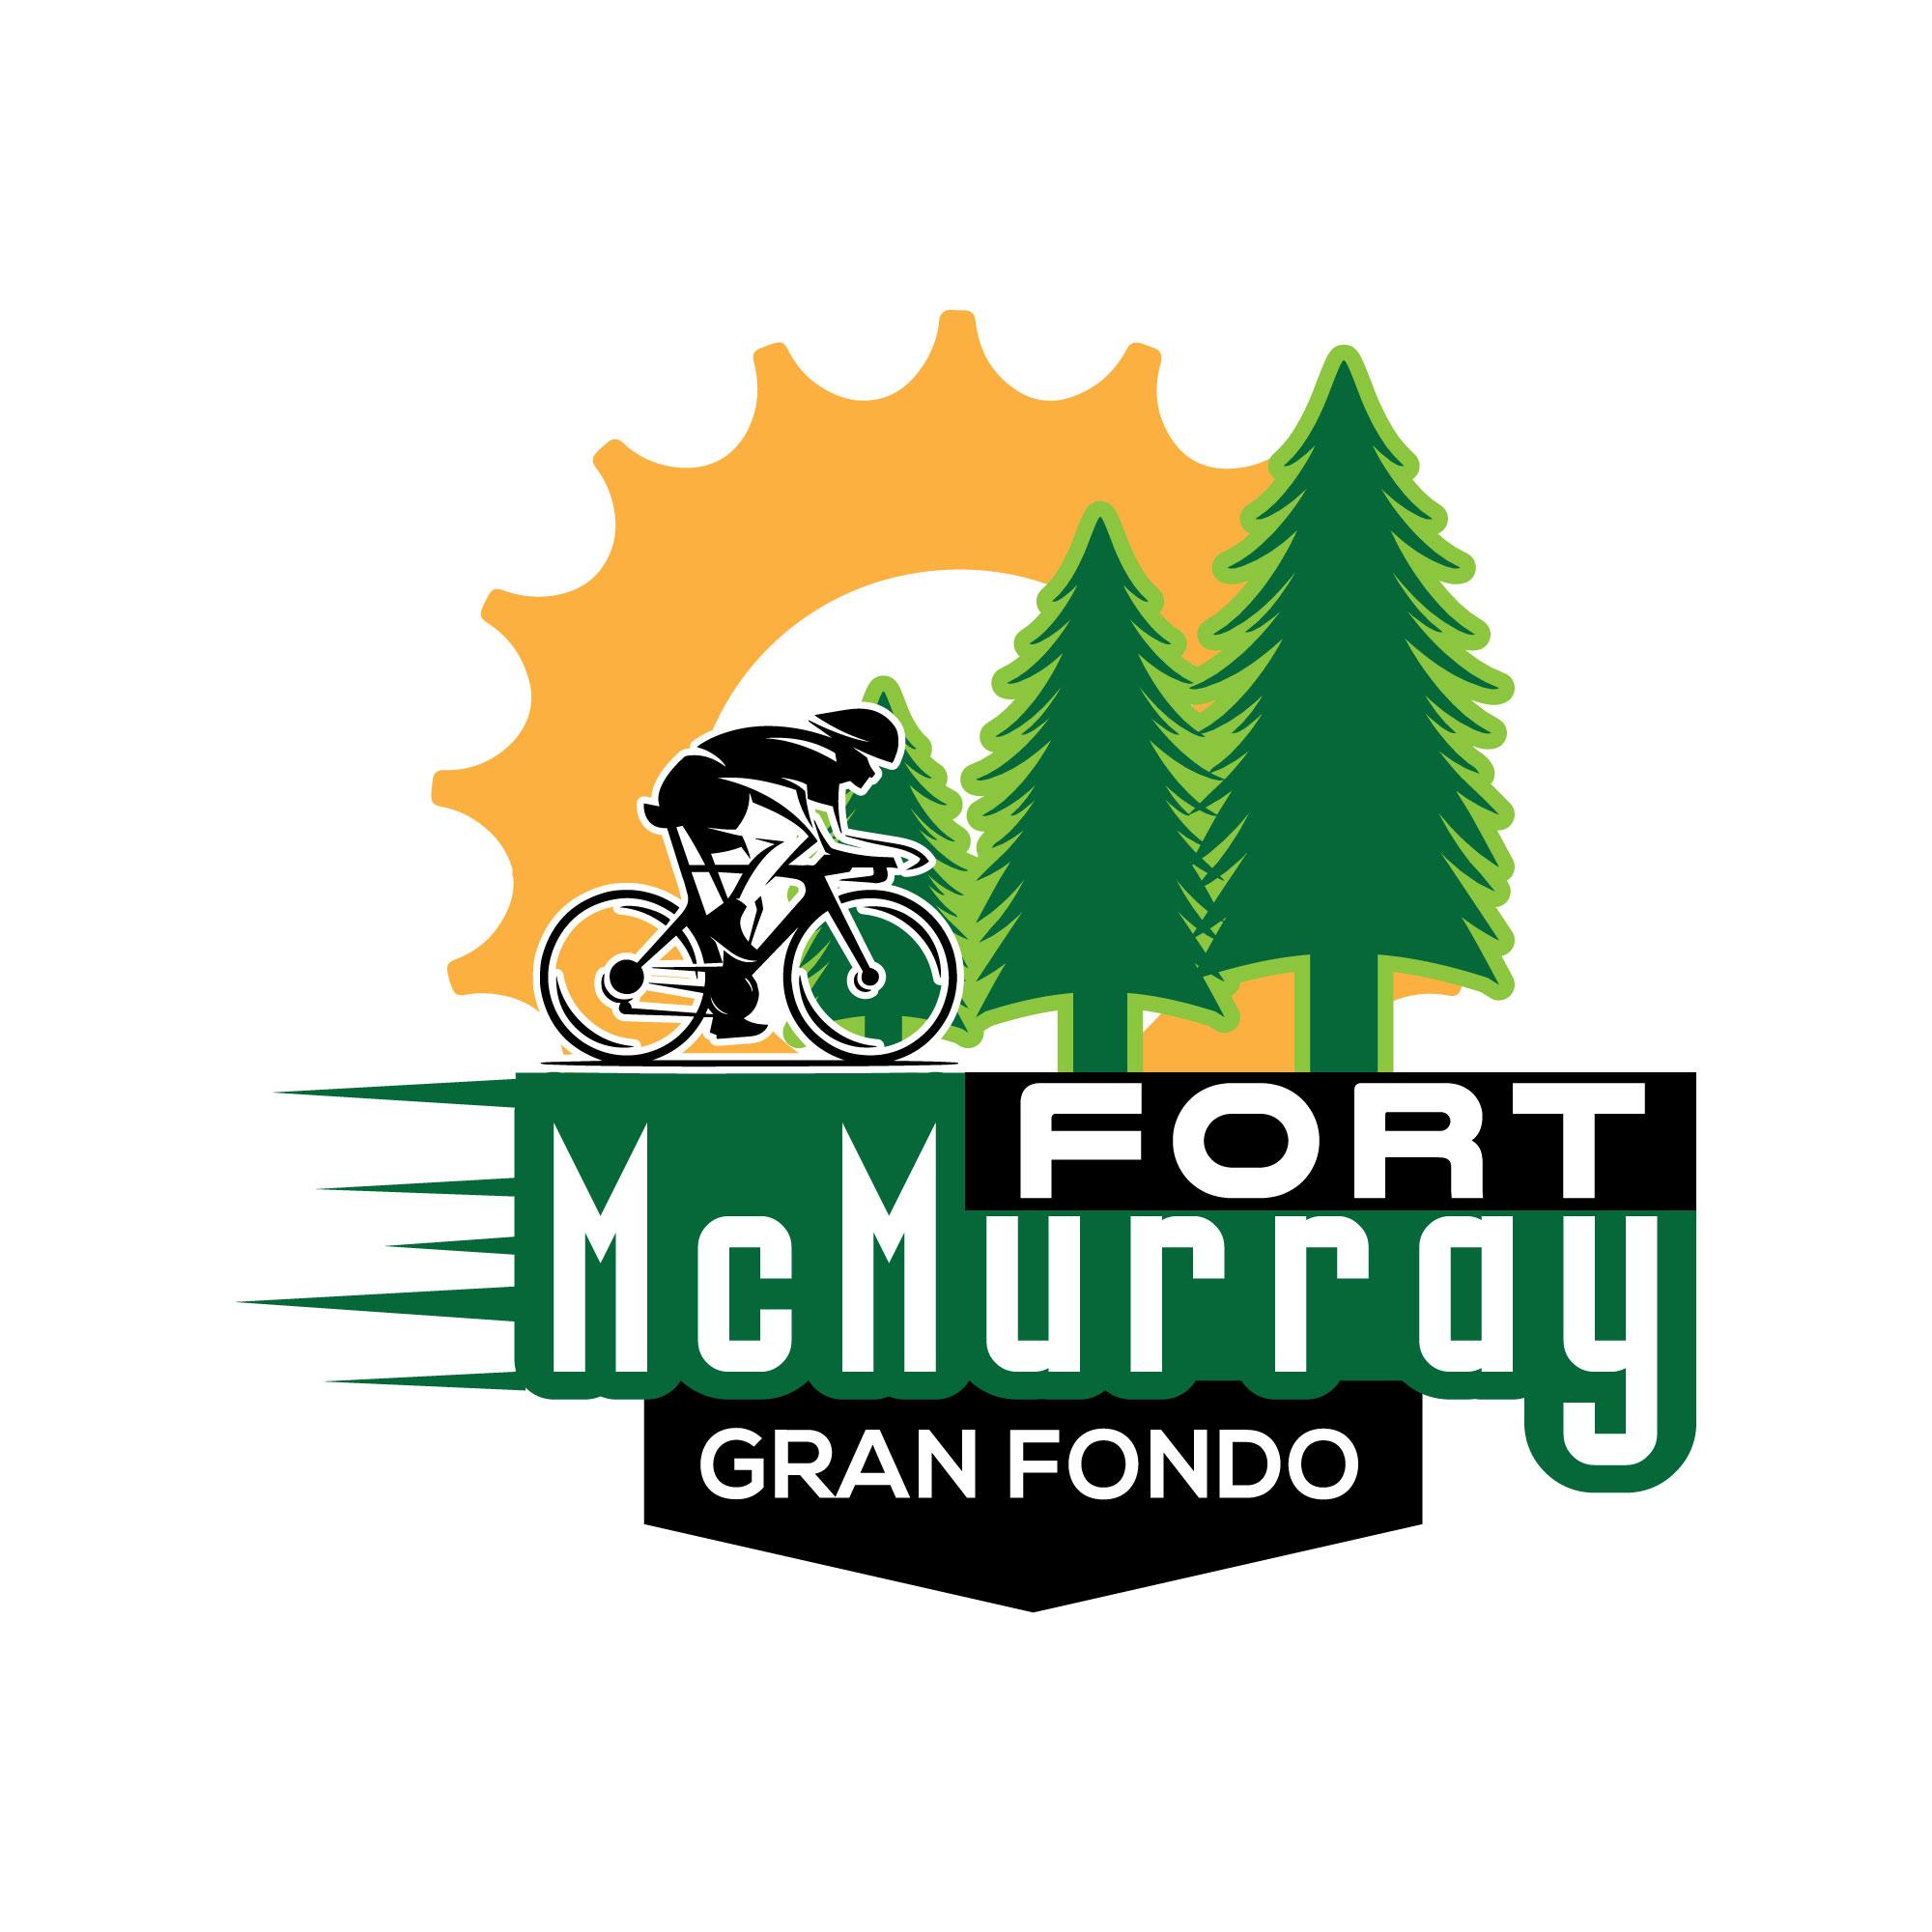 Fort-McMurray-Gran-Fondo-2.jpg